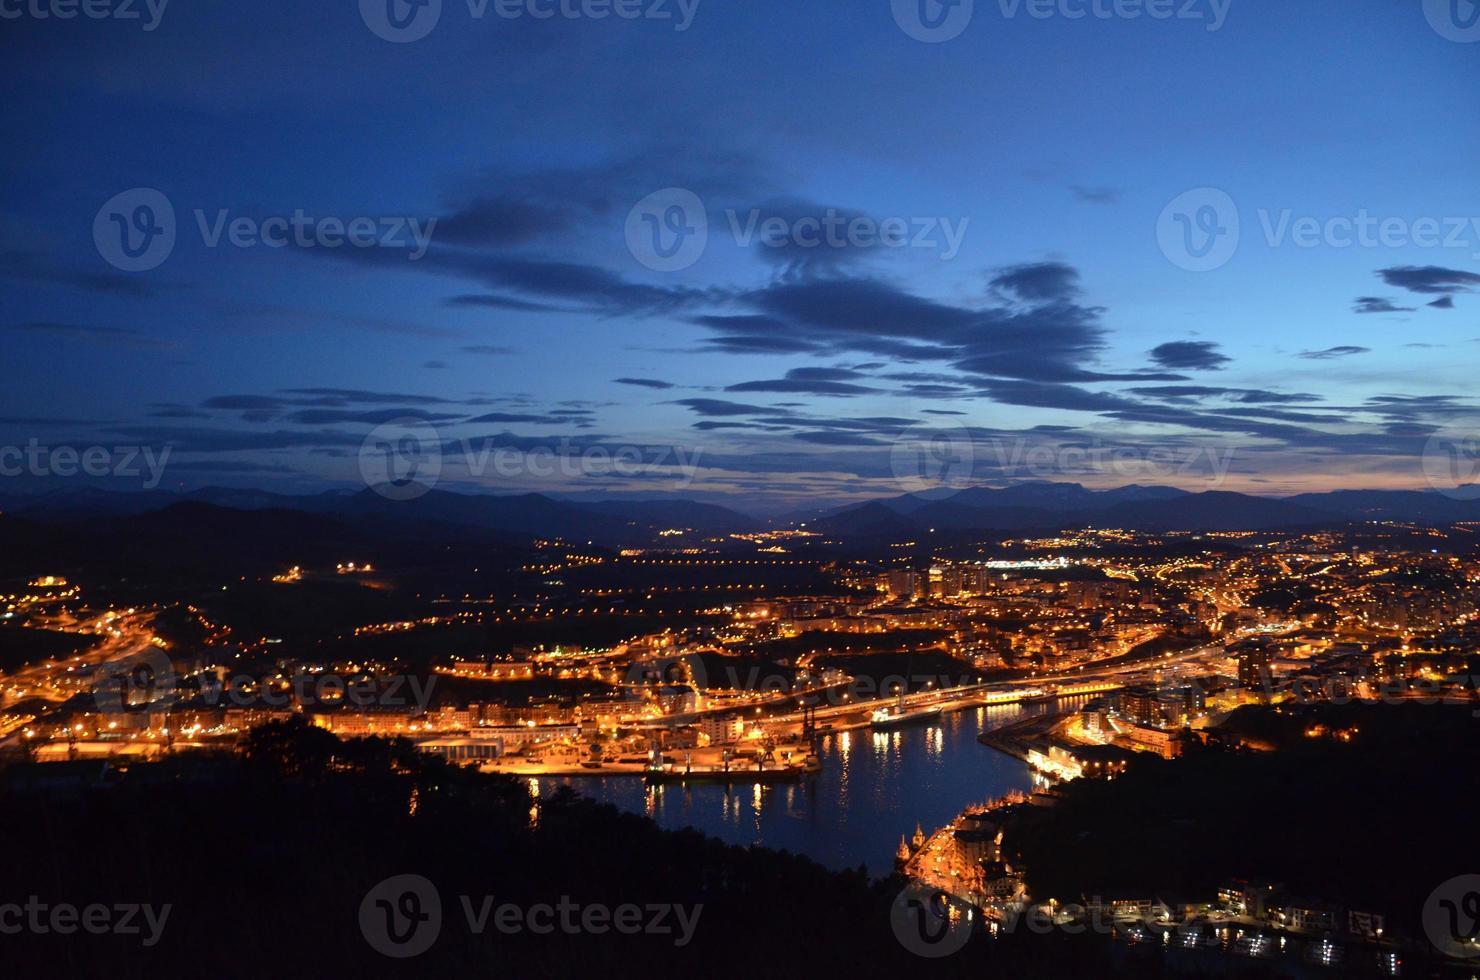 paisagem noturna em irun, espanha foto